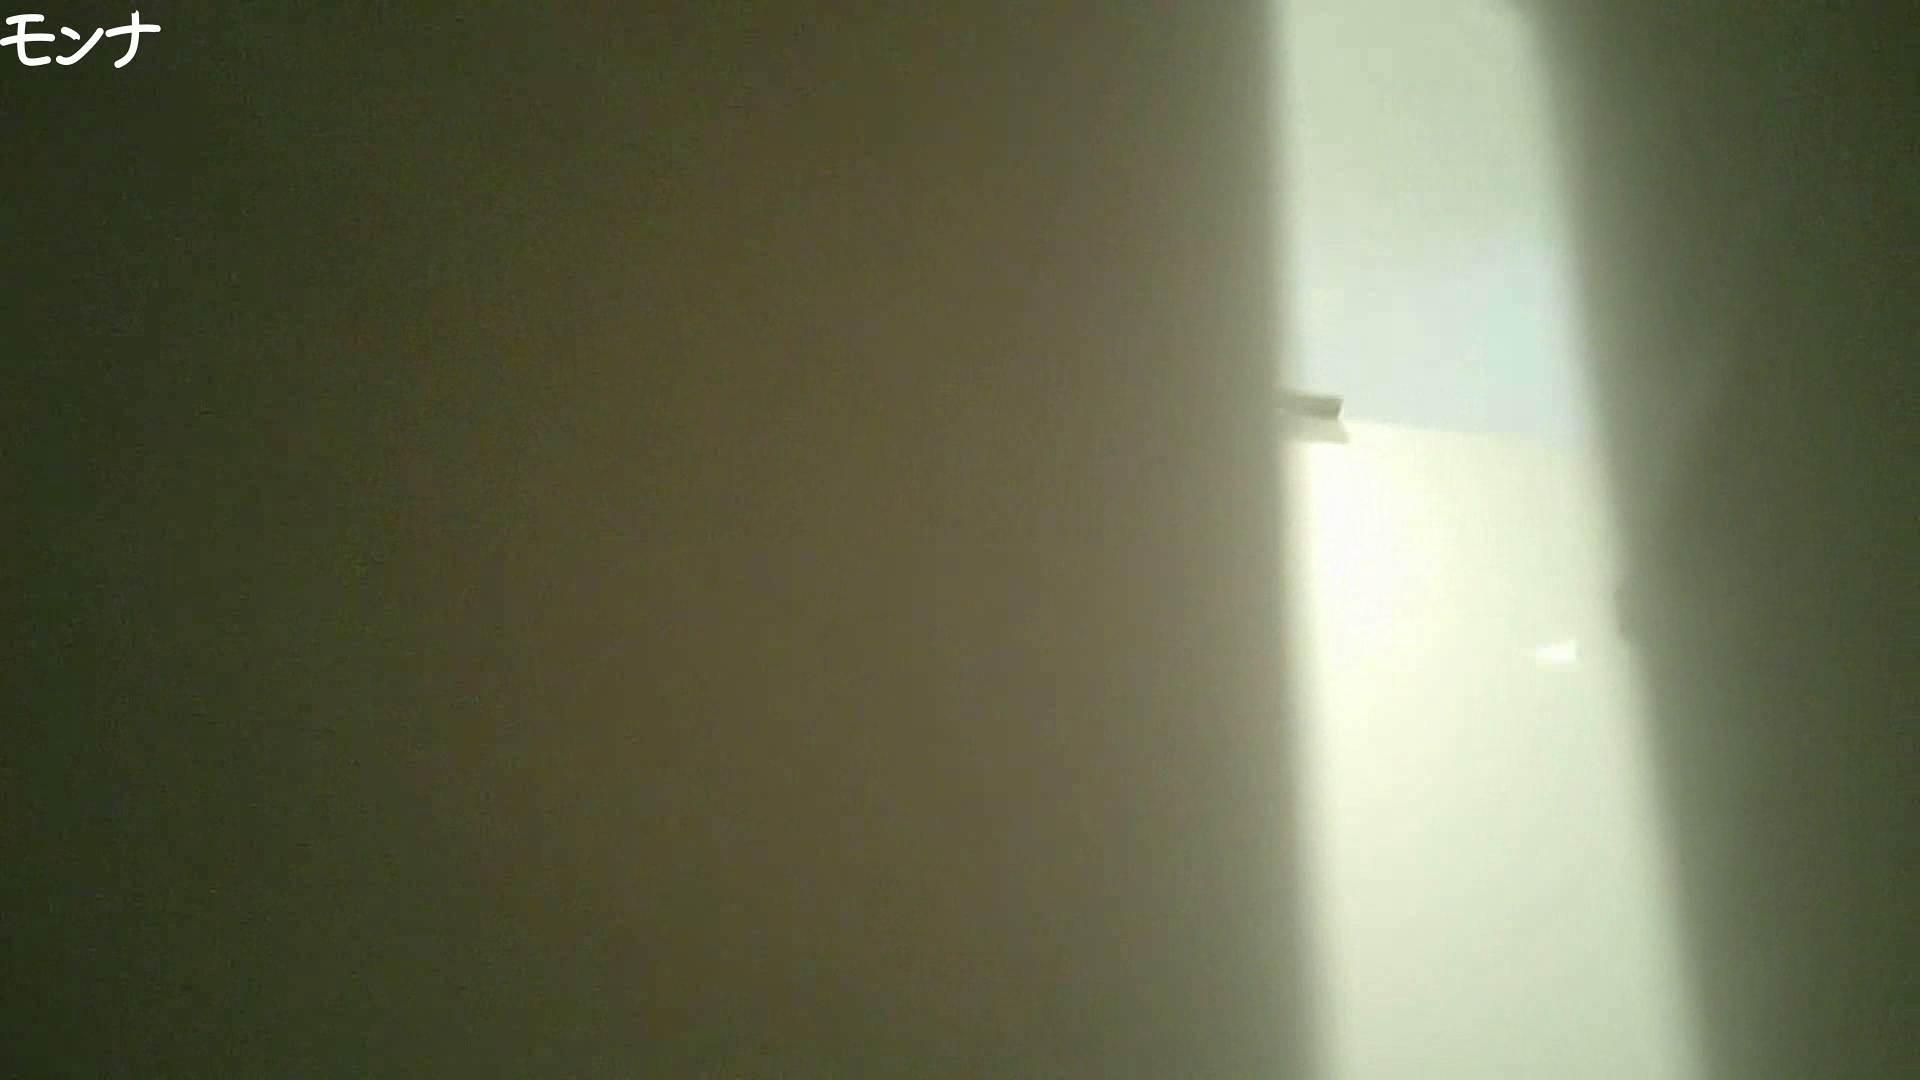 有名大学女性洗面所 vol.65 秘技!!マルチアングル天井撮り!! 高画質 | 洗面所のぞき  110枚 89